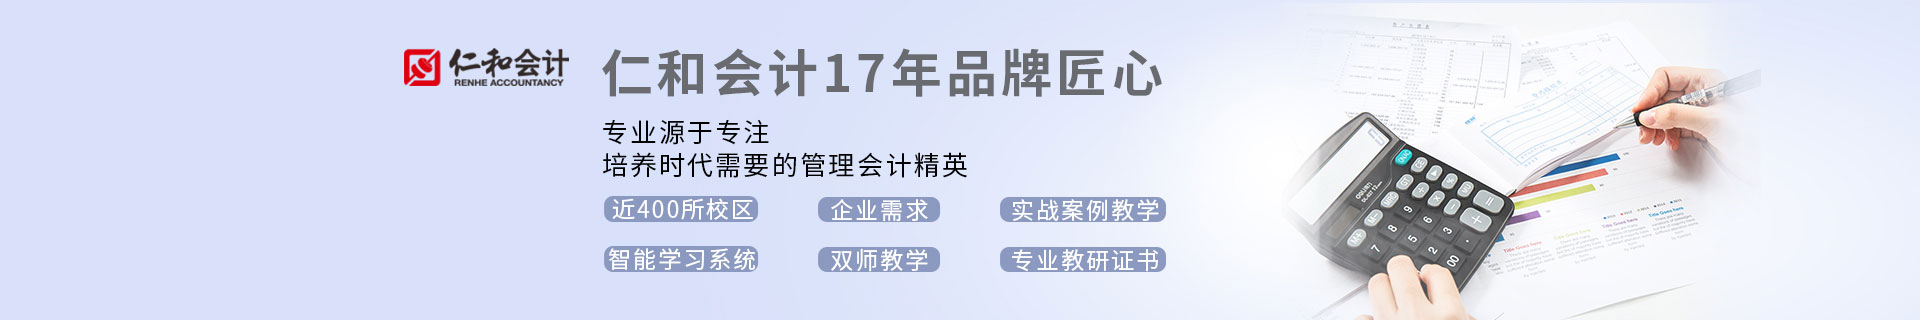 重庆合川仁和会计培训机构